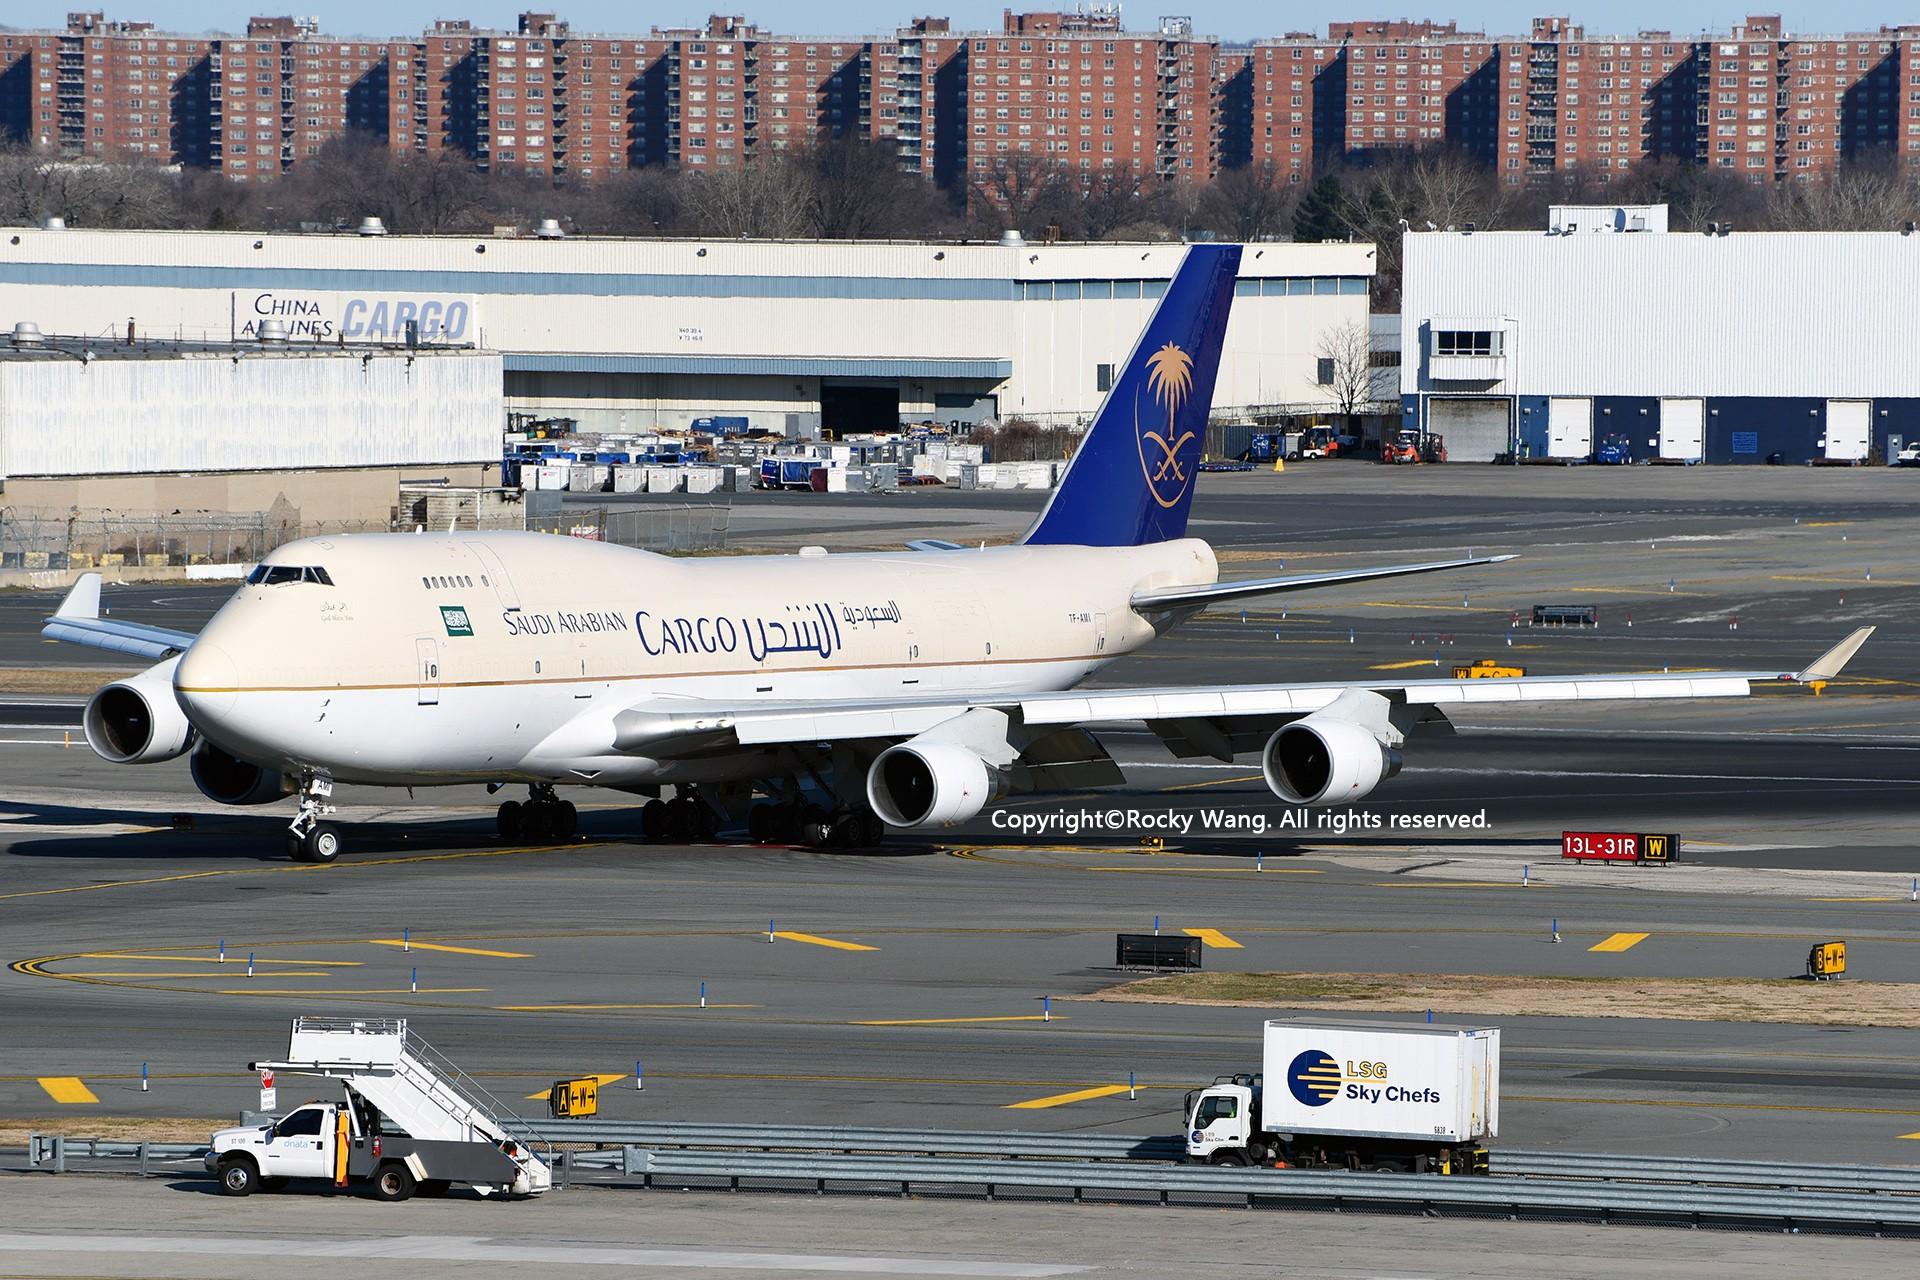 Re:[原创]KJFK 30图 BOEING 747-412(BDSF) TF-AMI New York John F. Kennedy Int'l Airport